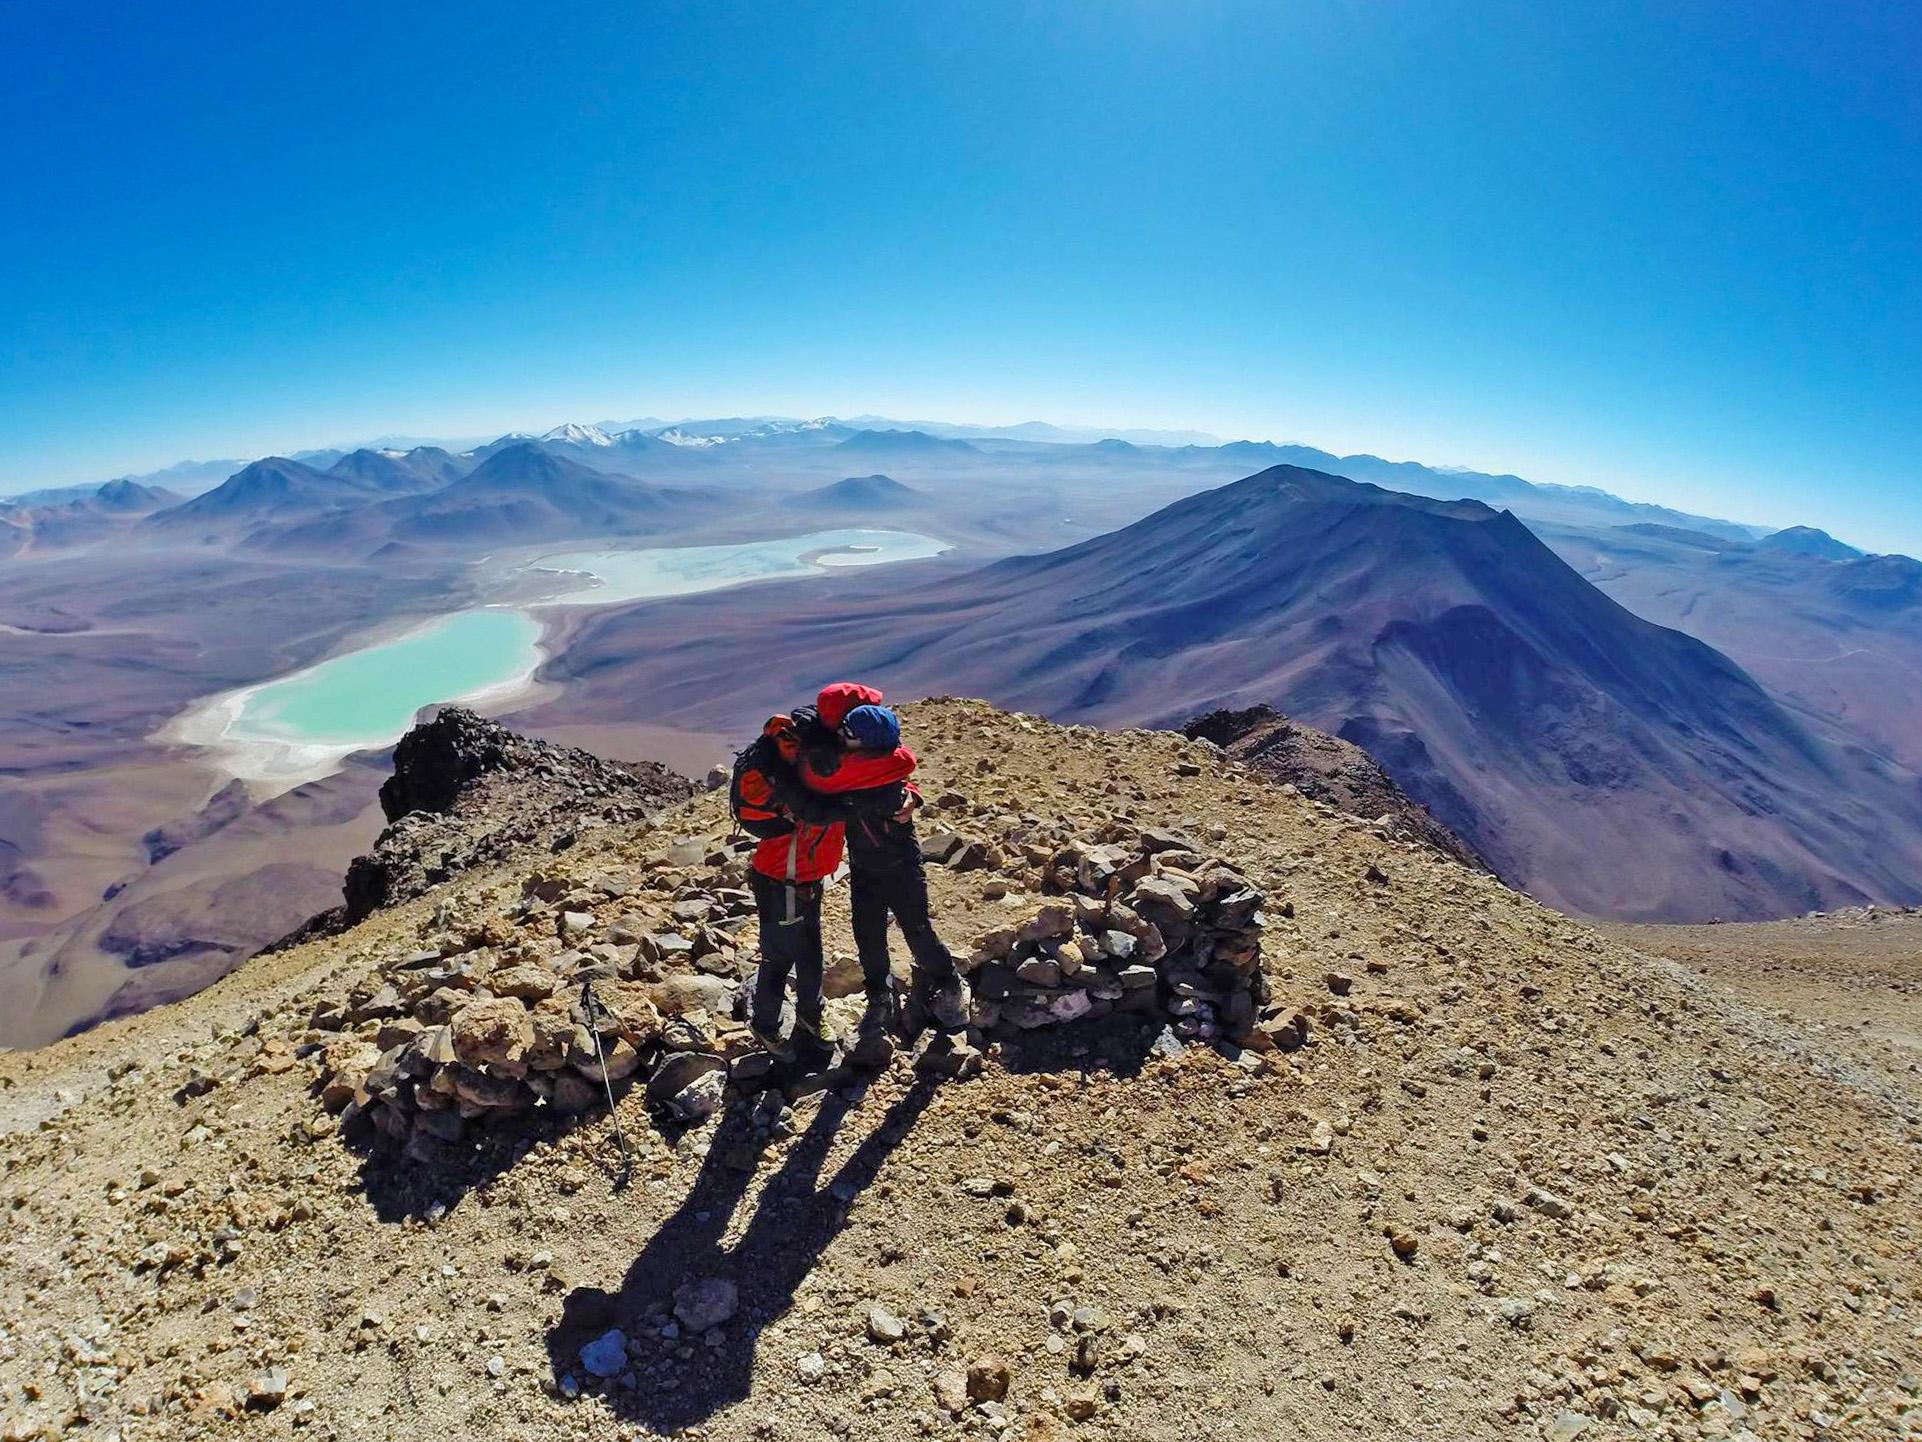 Dos escaladores se abrazan en cumbre con volcanes de fondo